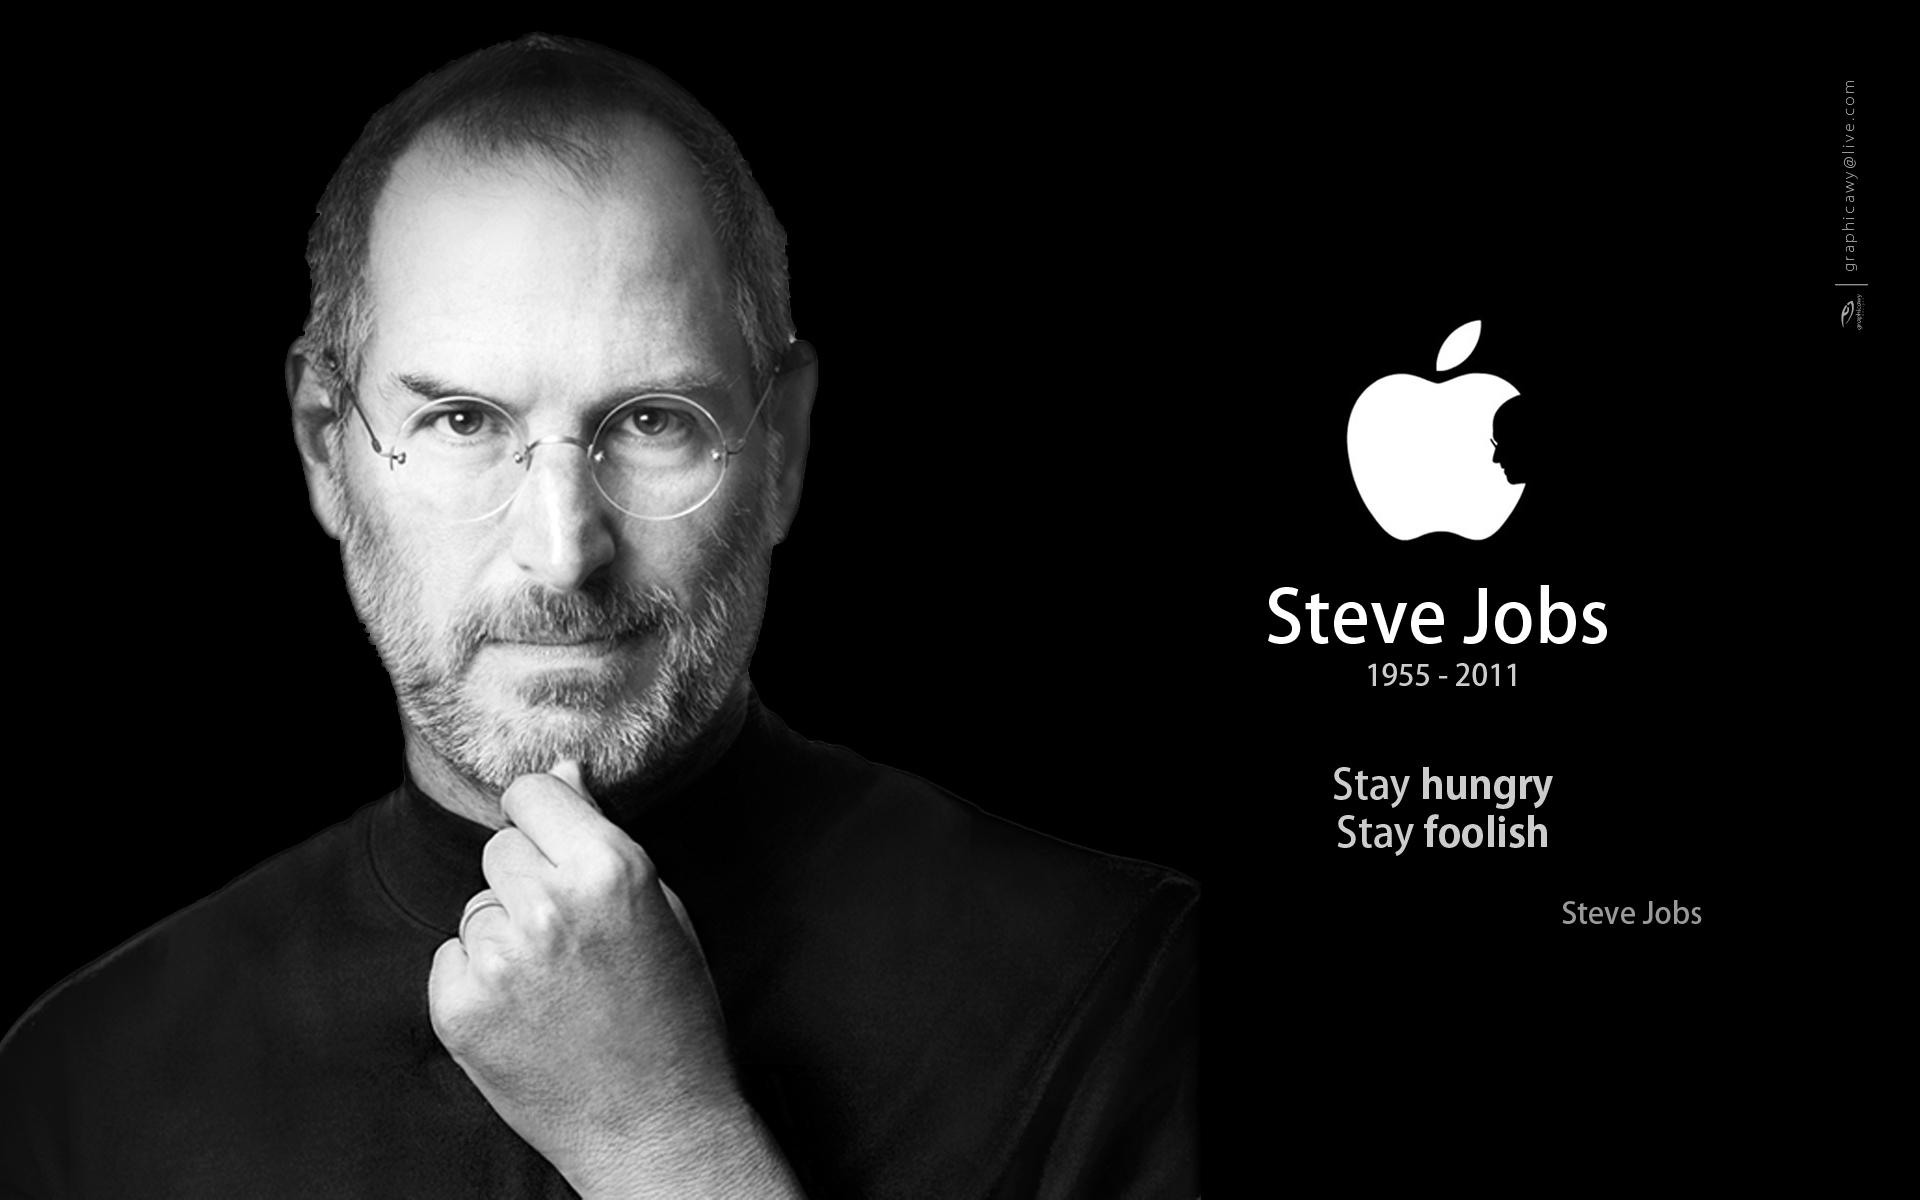 nuovo film steve Jobs